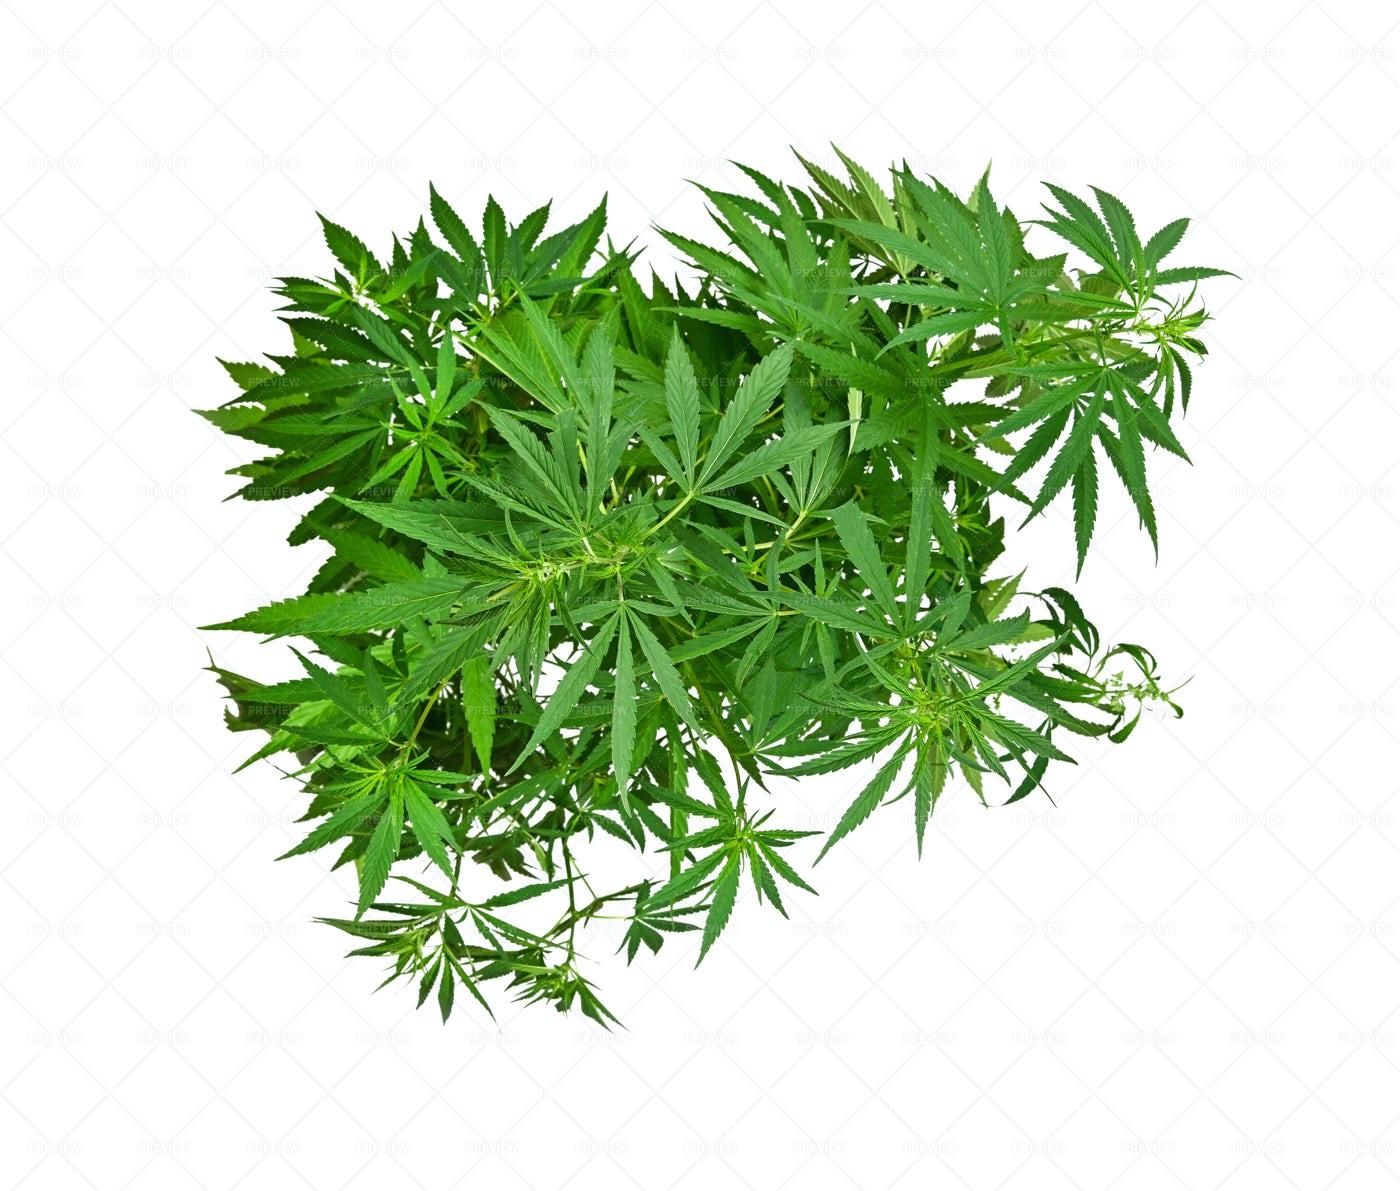 A Cannabis Plant: Stock Photos